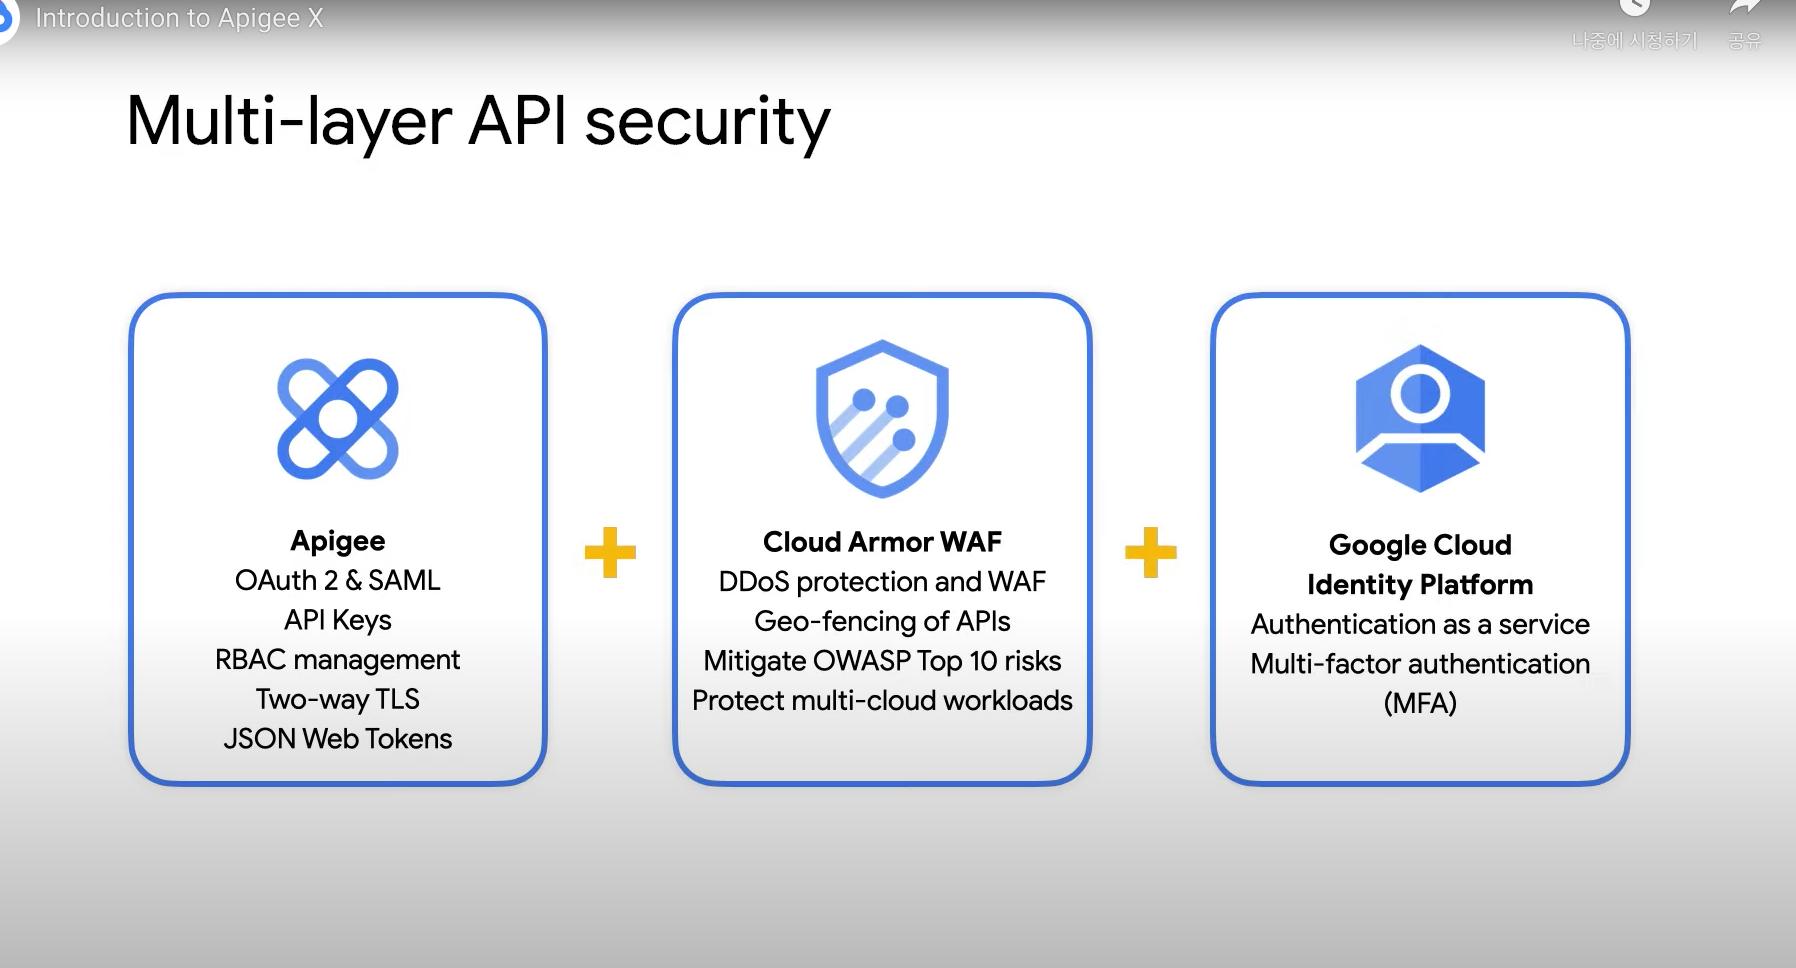 구글, API 관리 플랫폼 '아피지 X' 출시...확장성, 보안성, AI 기반 자동화로 차별화